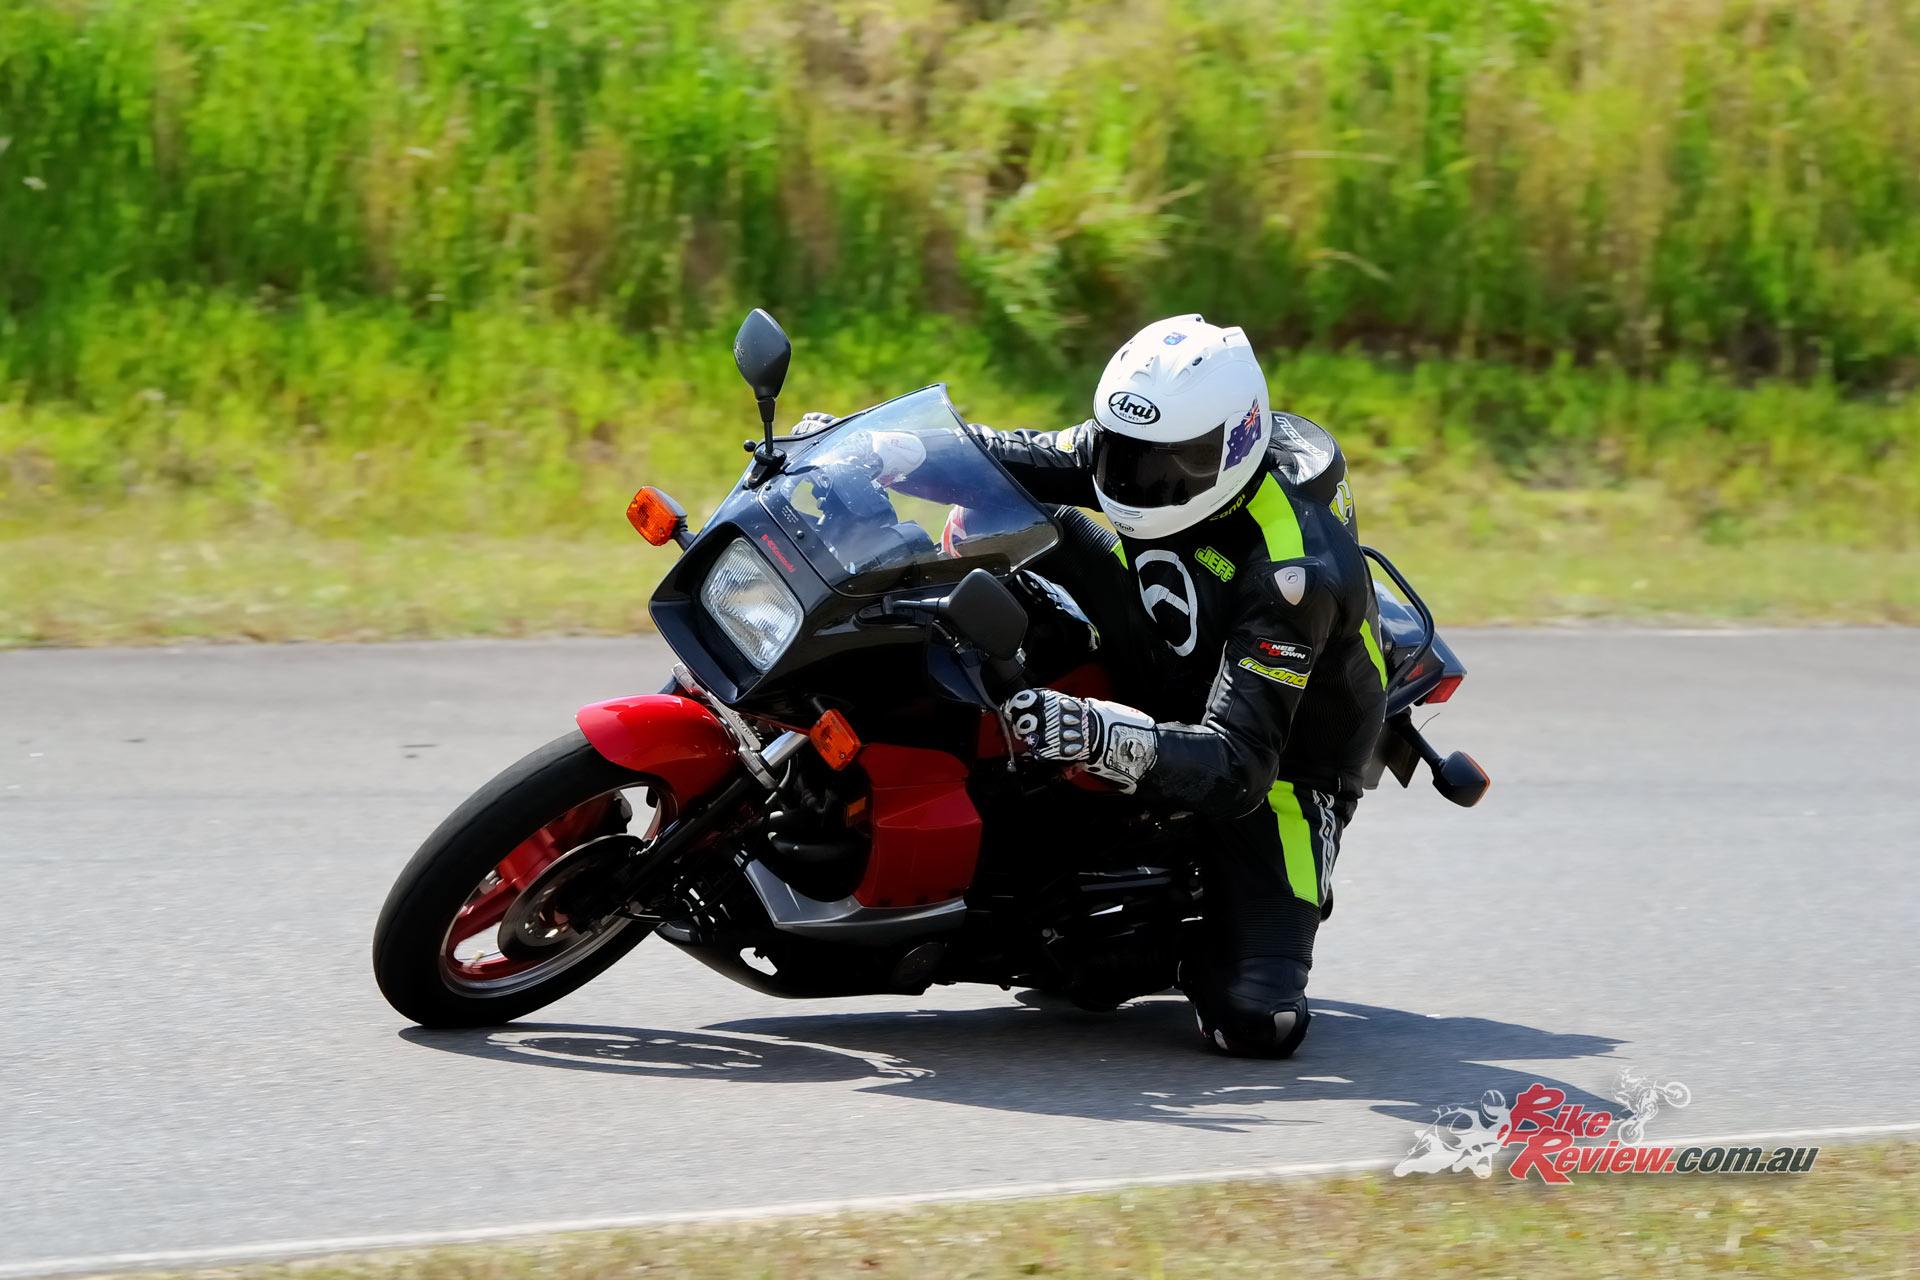 Kawasaki GPz750T